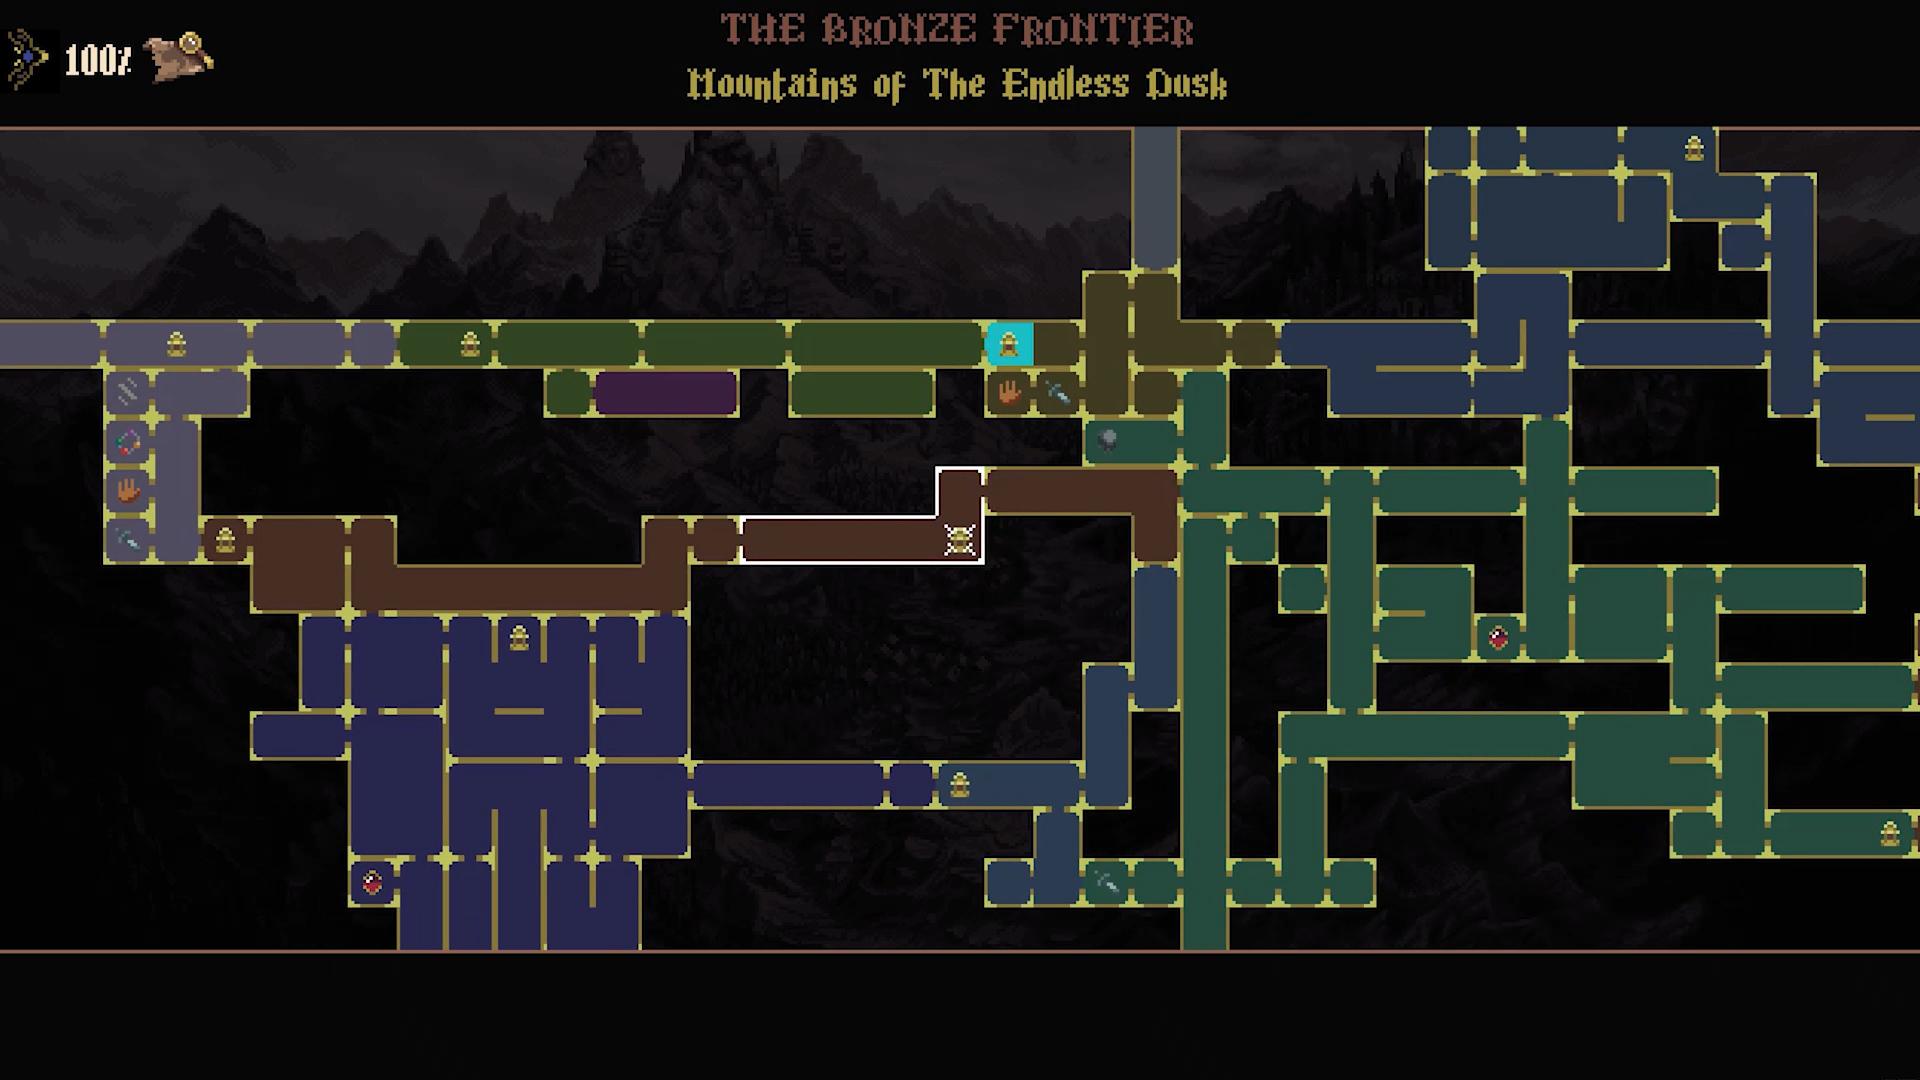 Blasphemous: ещё больше информации об изменениях игры с выходом нового DLC